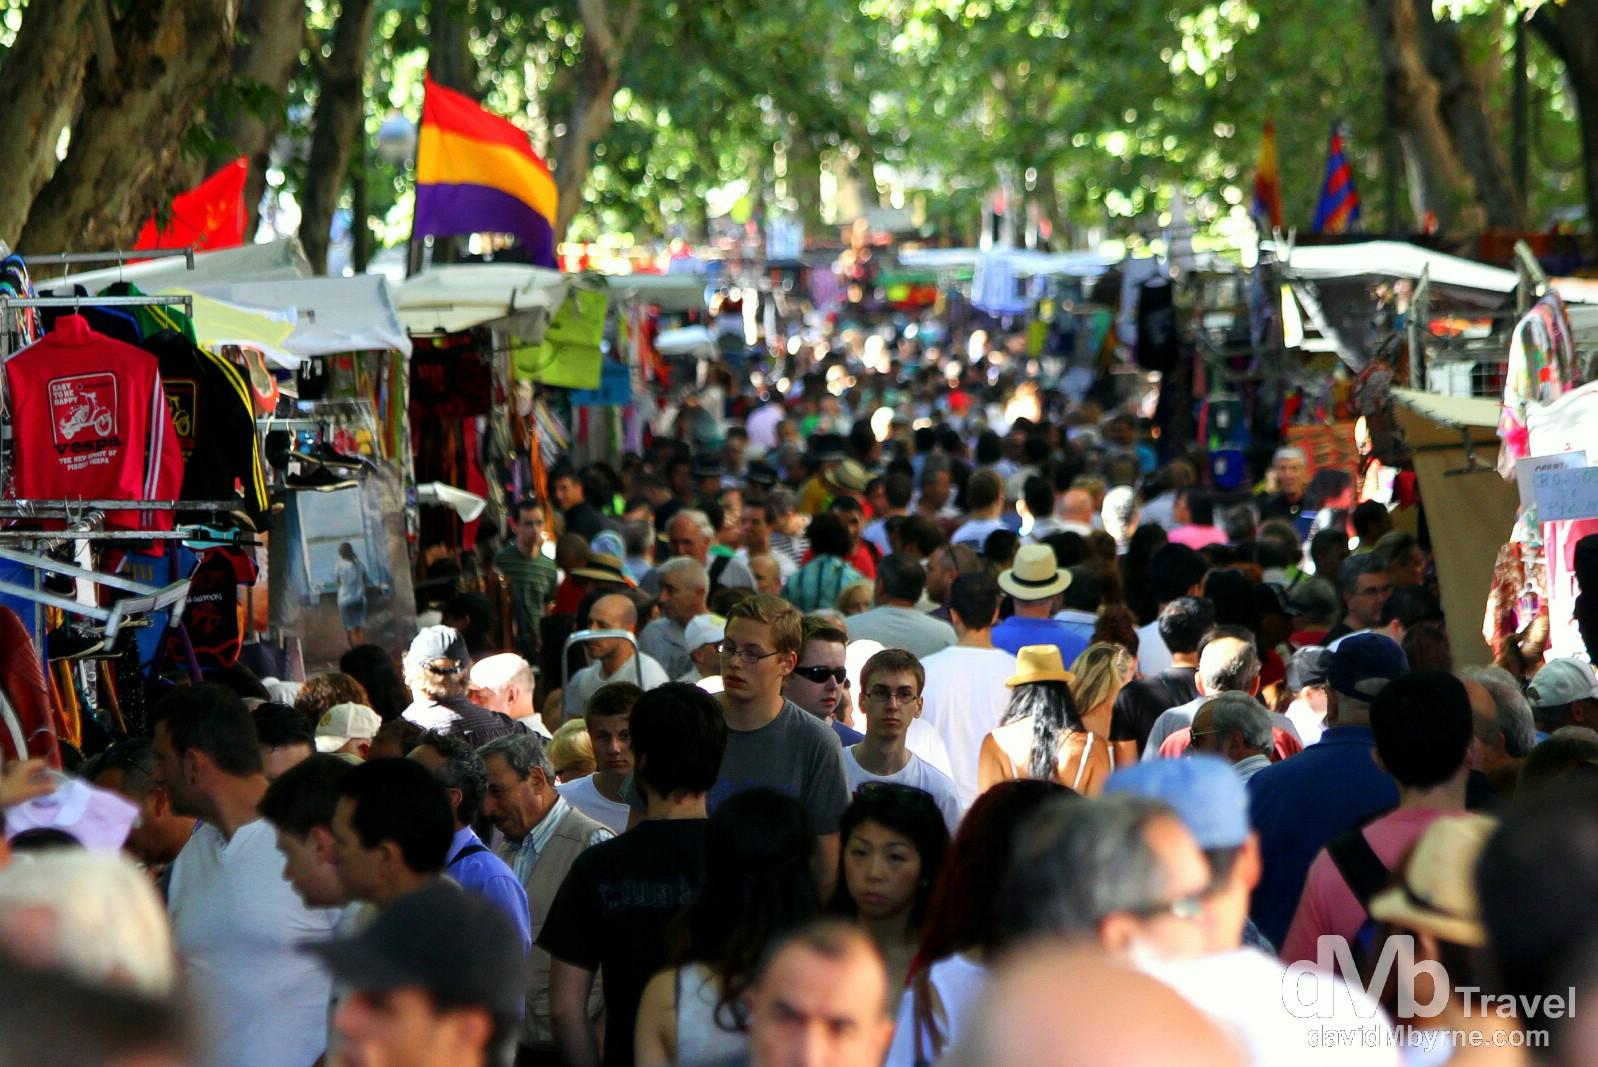 El Rastro flea market monopolising Ribera de Curtidores in Madrid, Spain. June 15th, 2014.